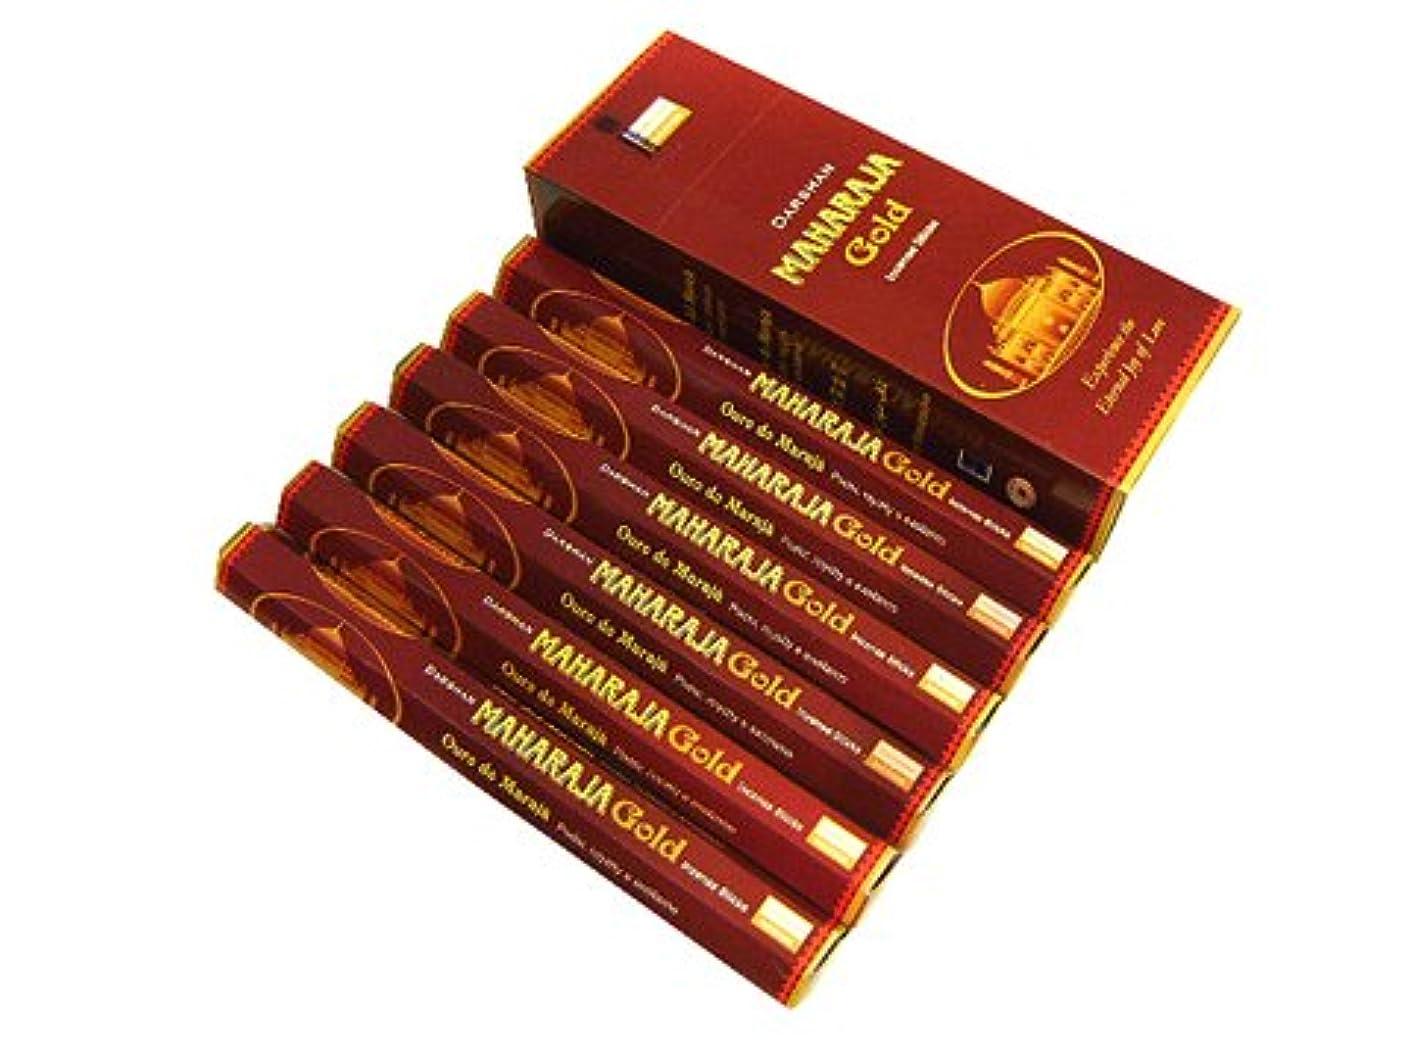 穴行き当たりばったり壊滅的なDARSHAN(ダルシャン) マハラジャゴールド香 スティック MAHARAJA Gold 6箱セット